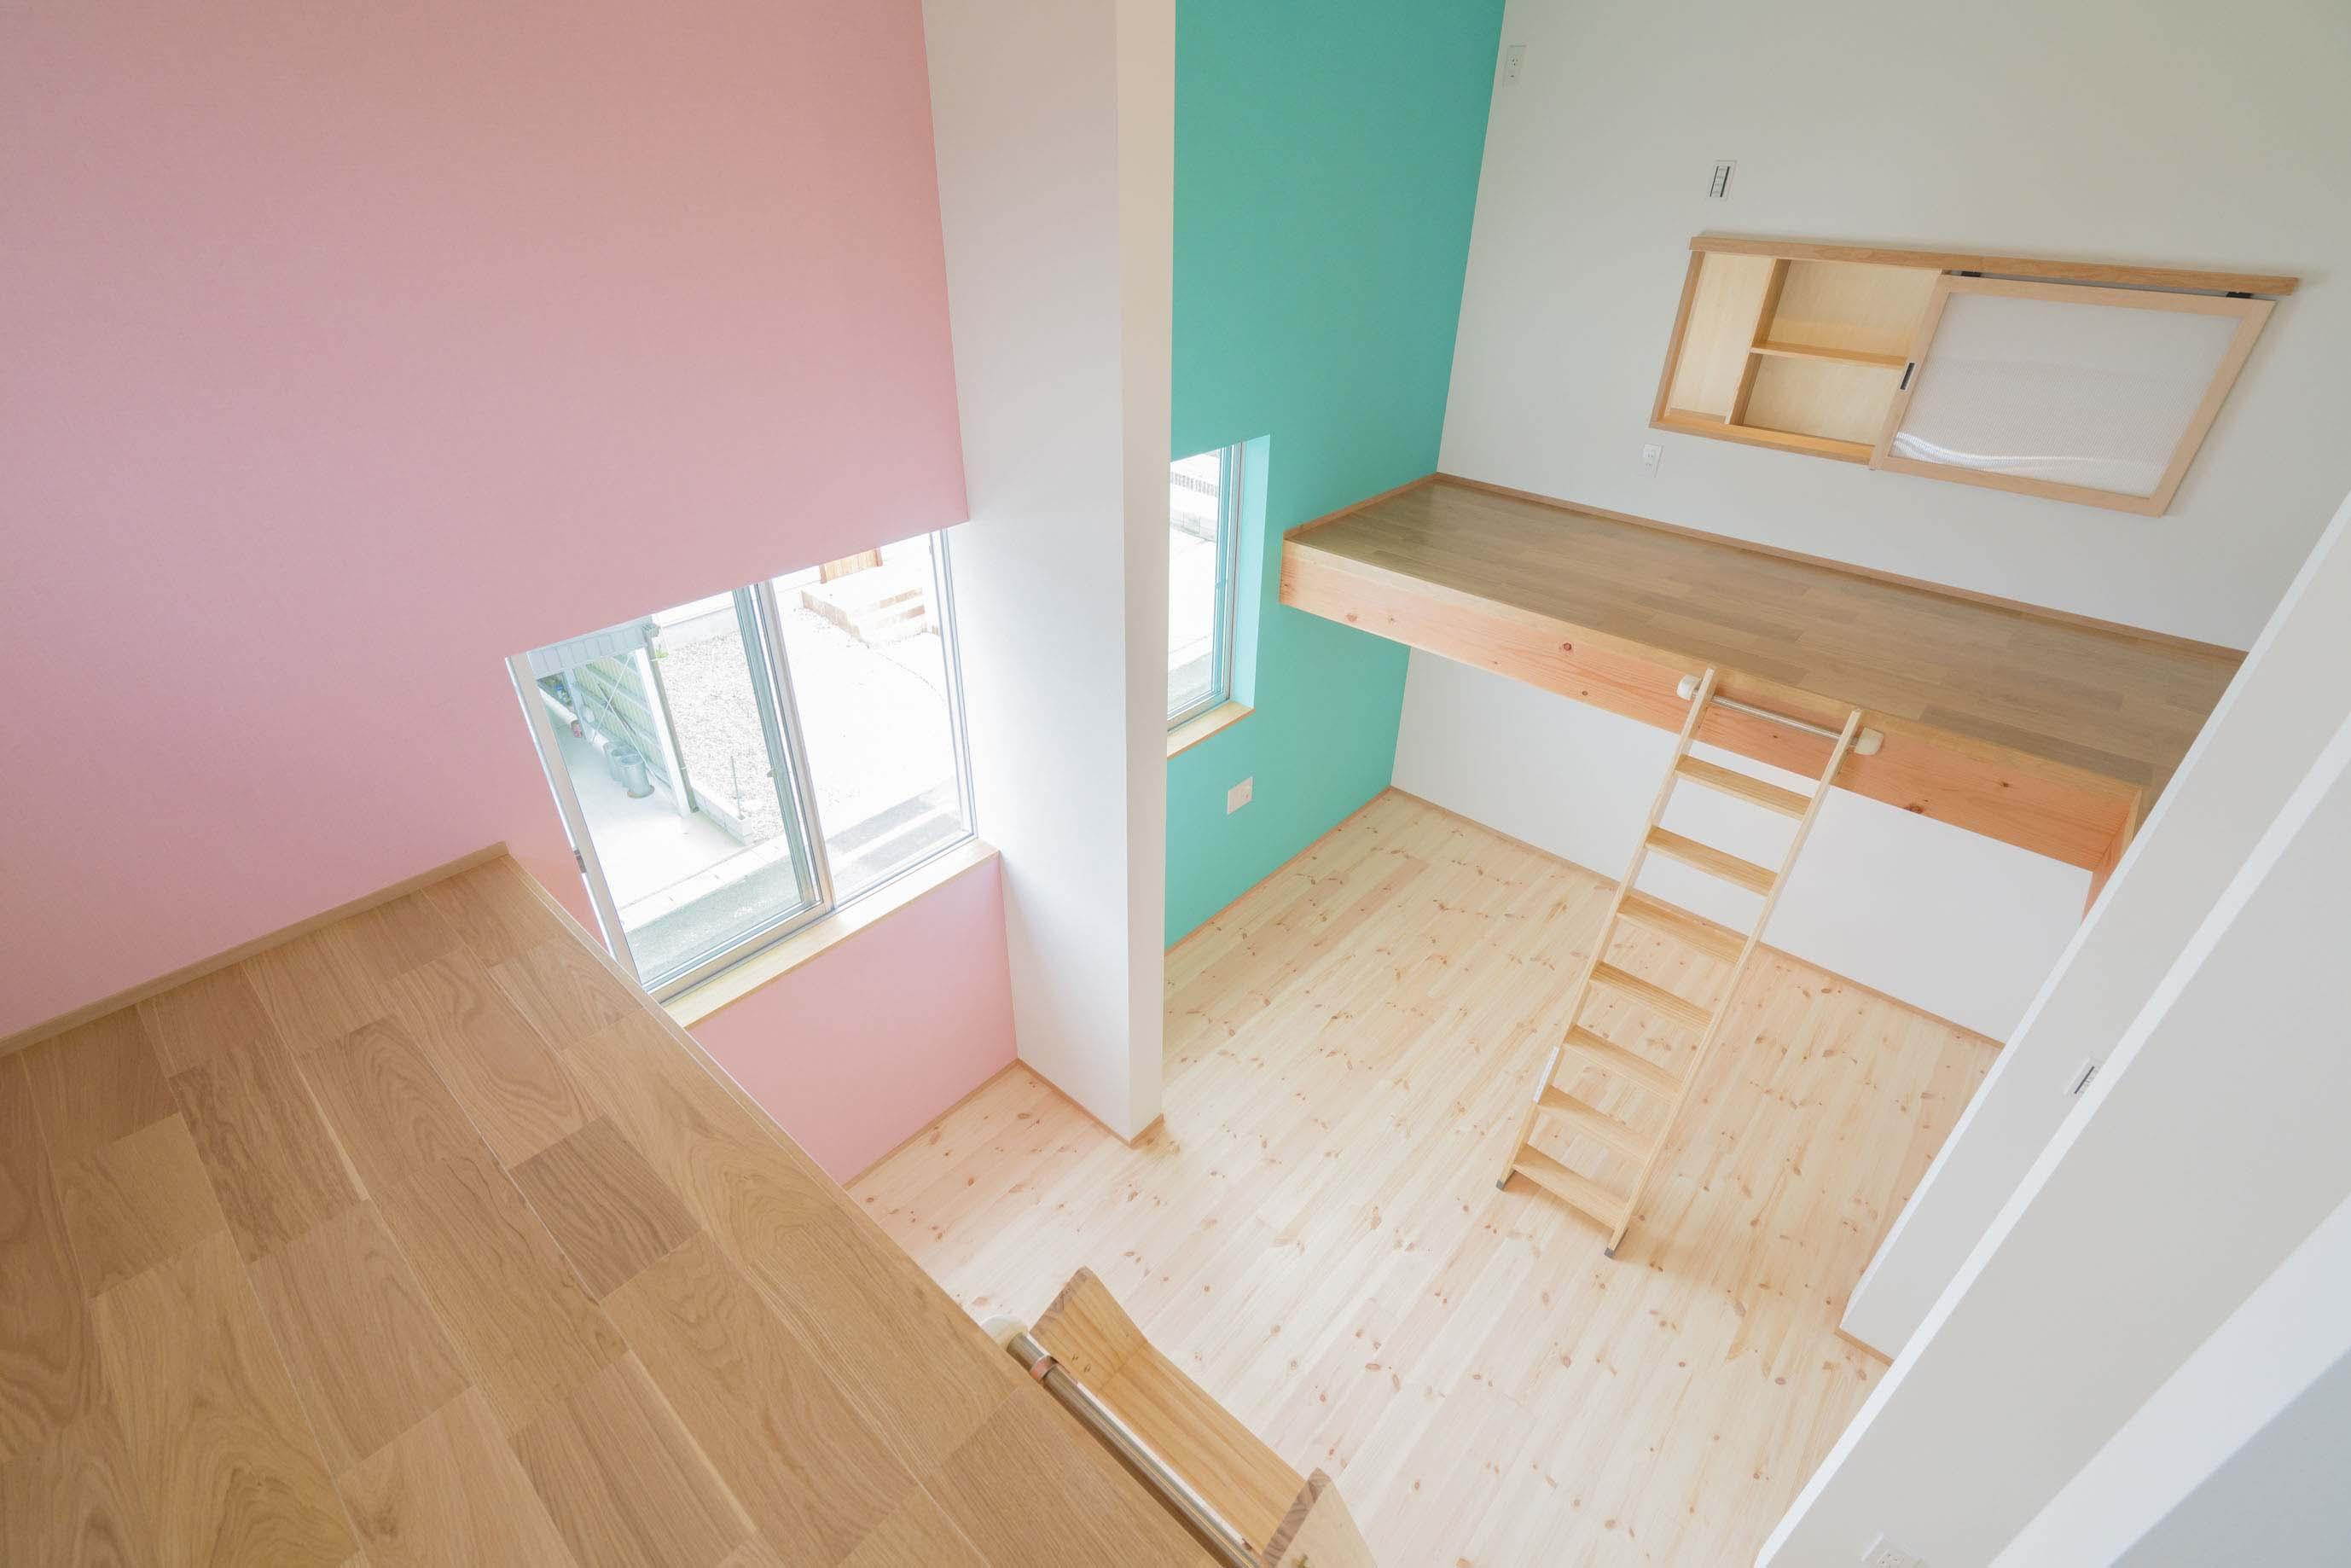 公園前の2世帯の住まいの部屋 壁の色がカラフルな子供部屋